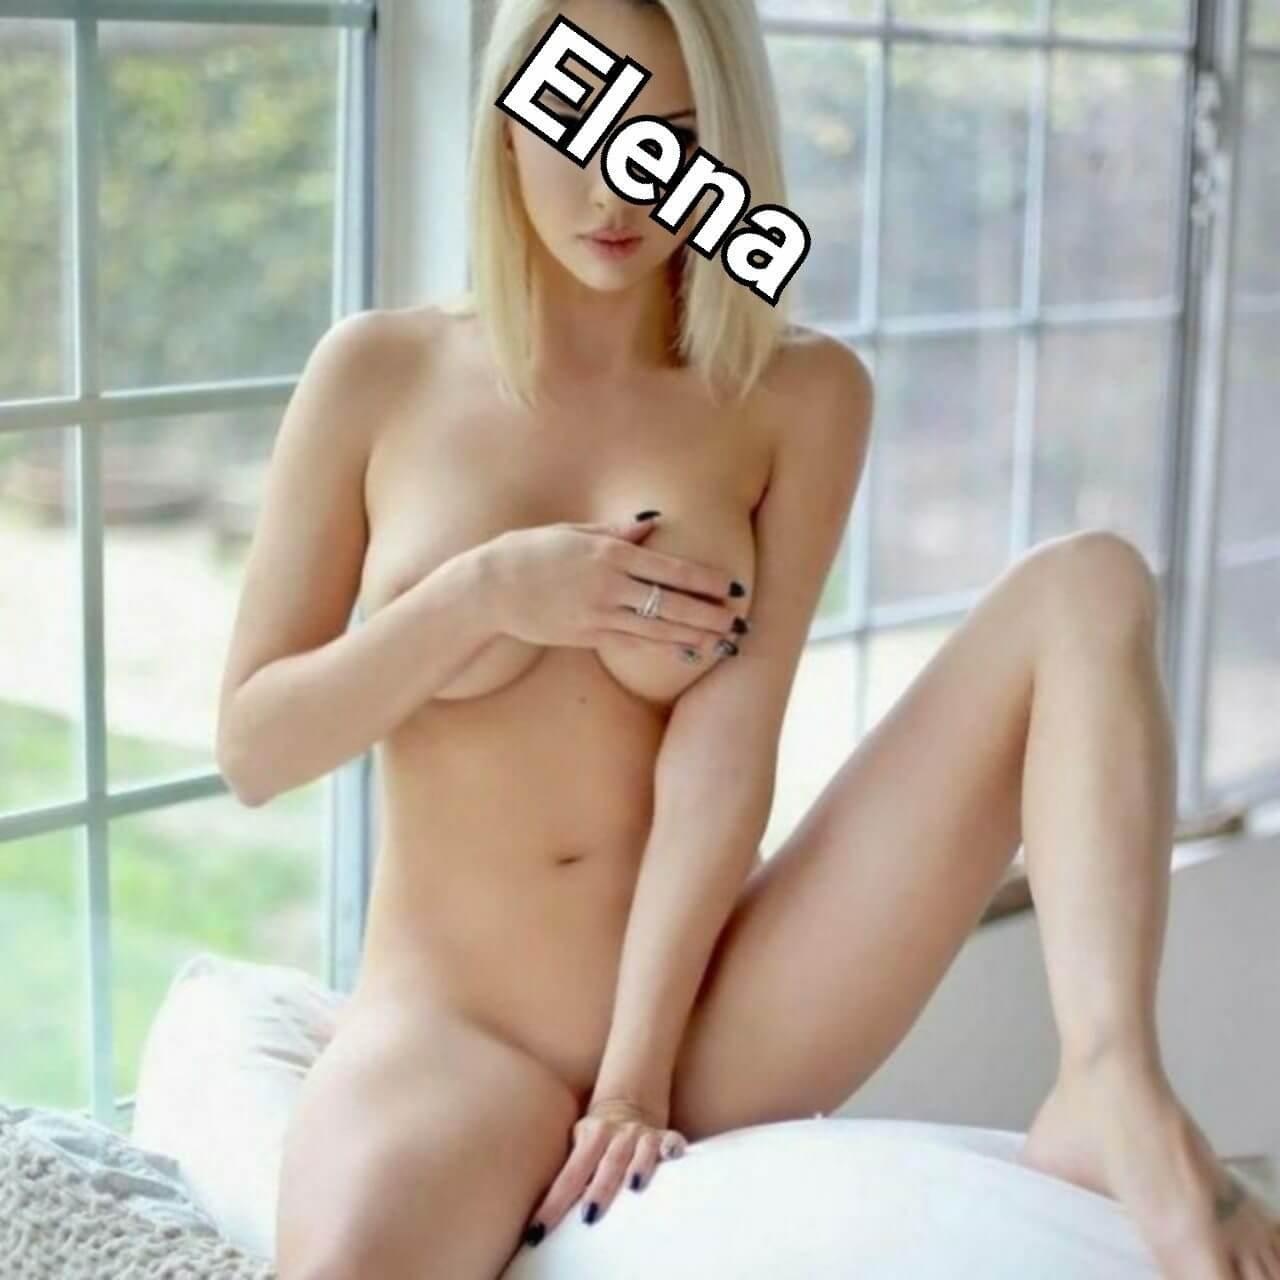 Pendik Kurtköy Escort Bayan Elena - Image 1